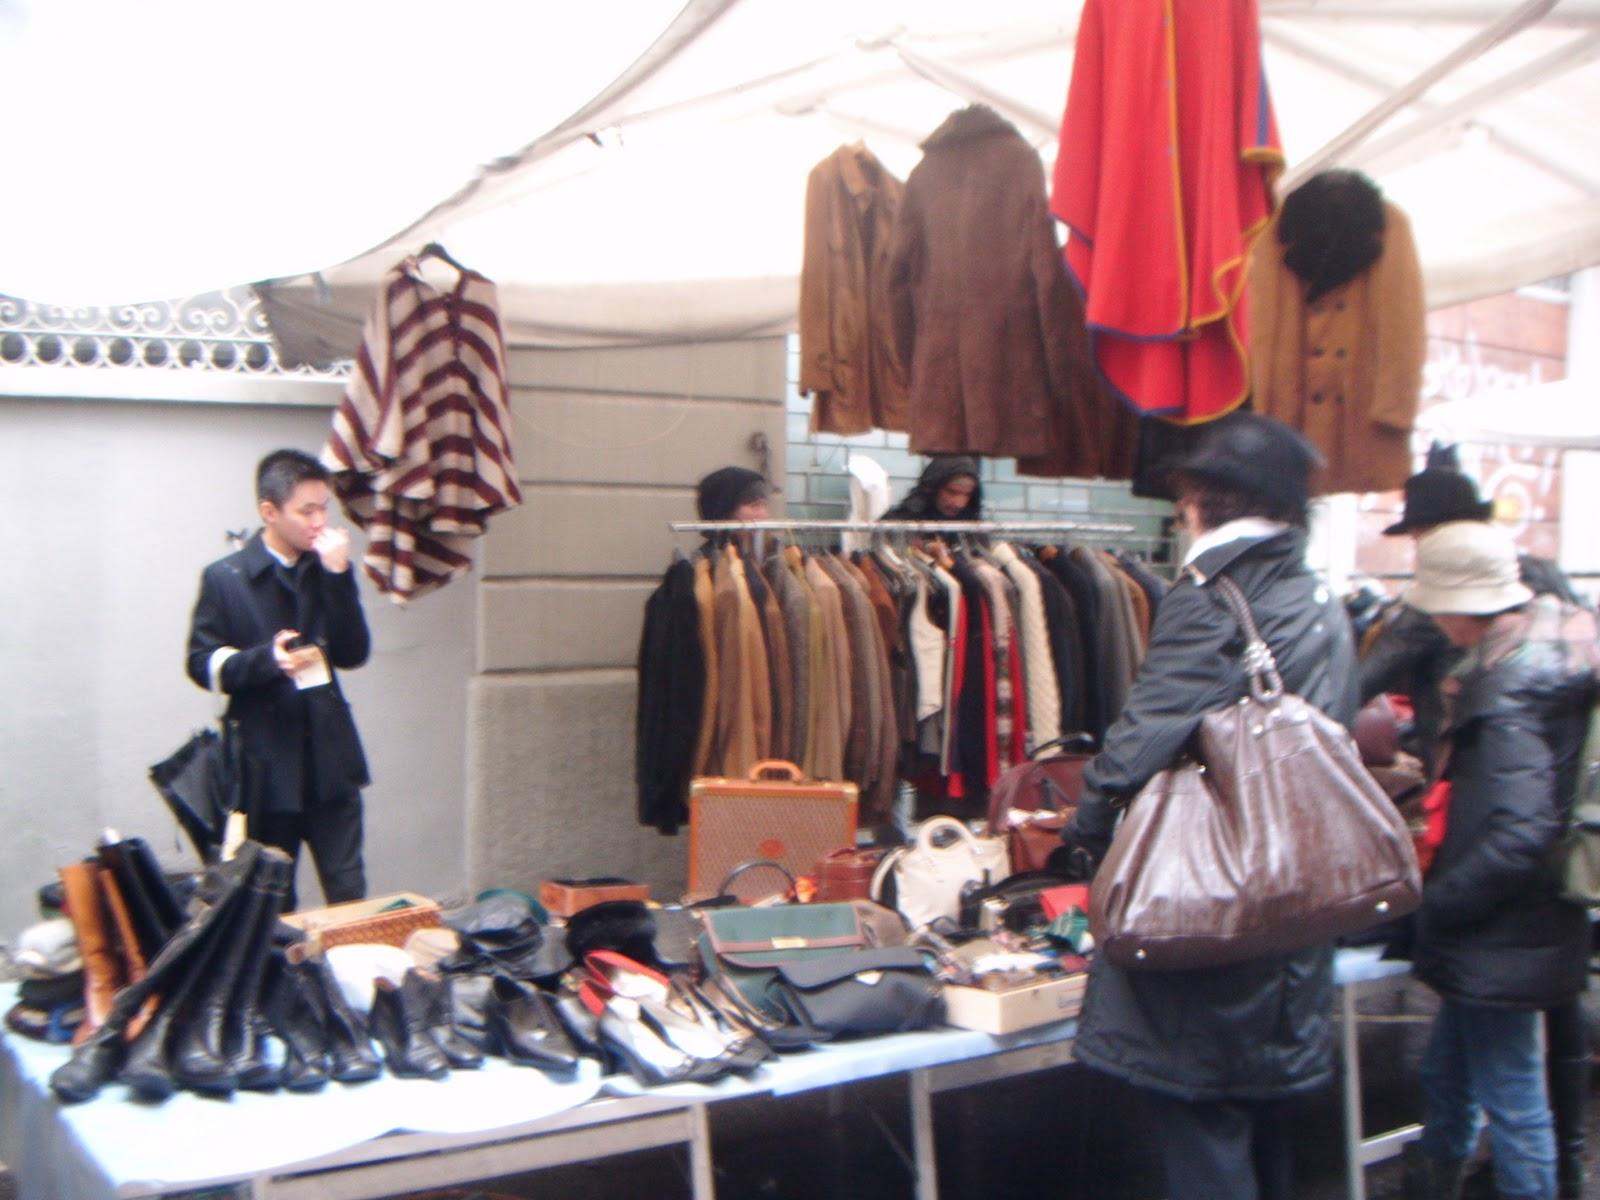 Lungo Il Naviglio A Milano Vintage E Oggetti Curiosi With Mercatino Usato  Milano Navigli.